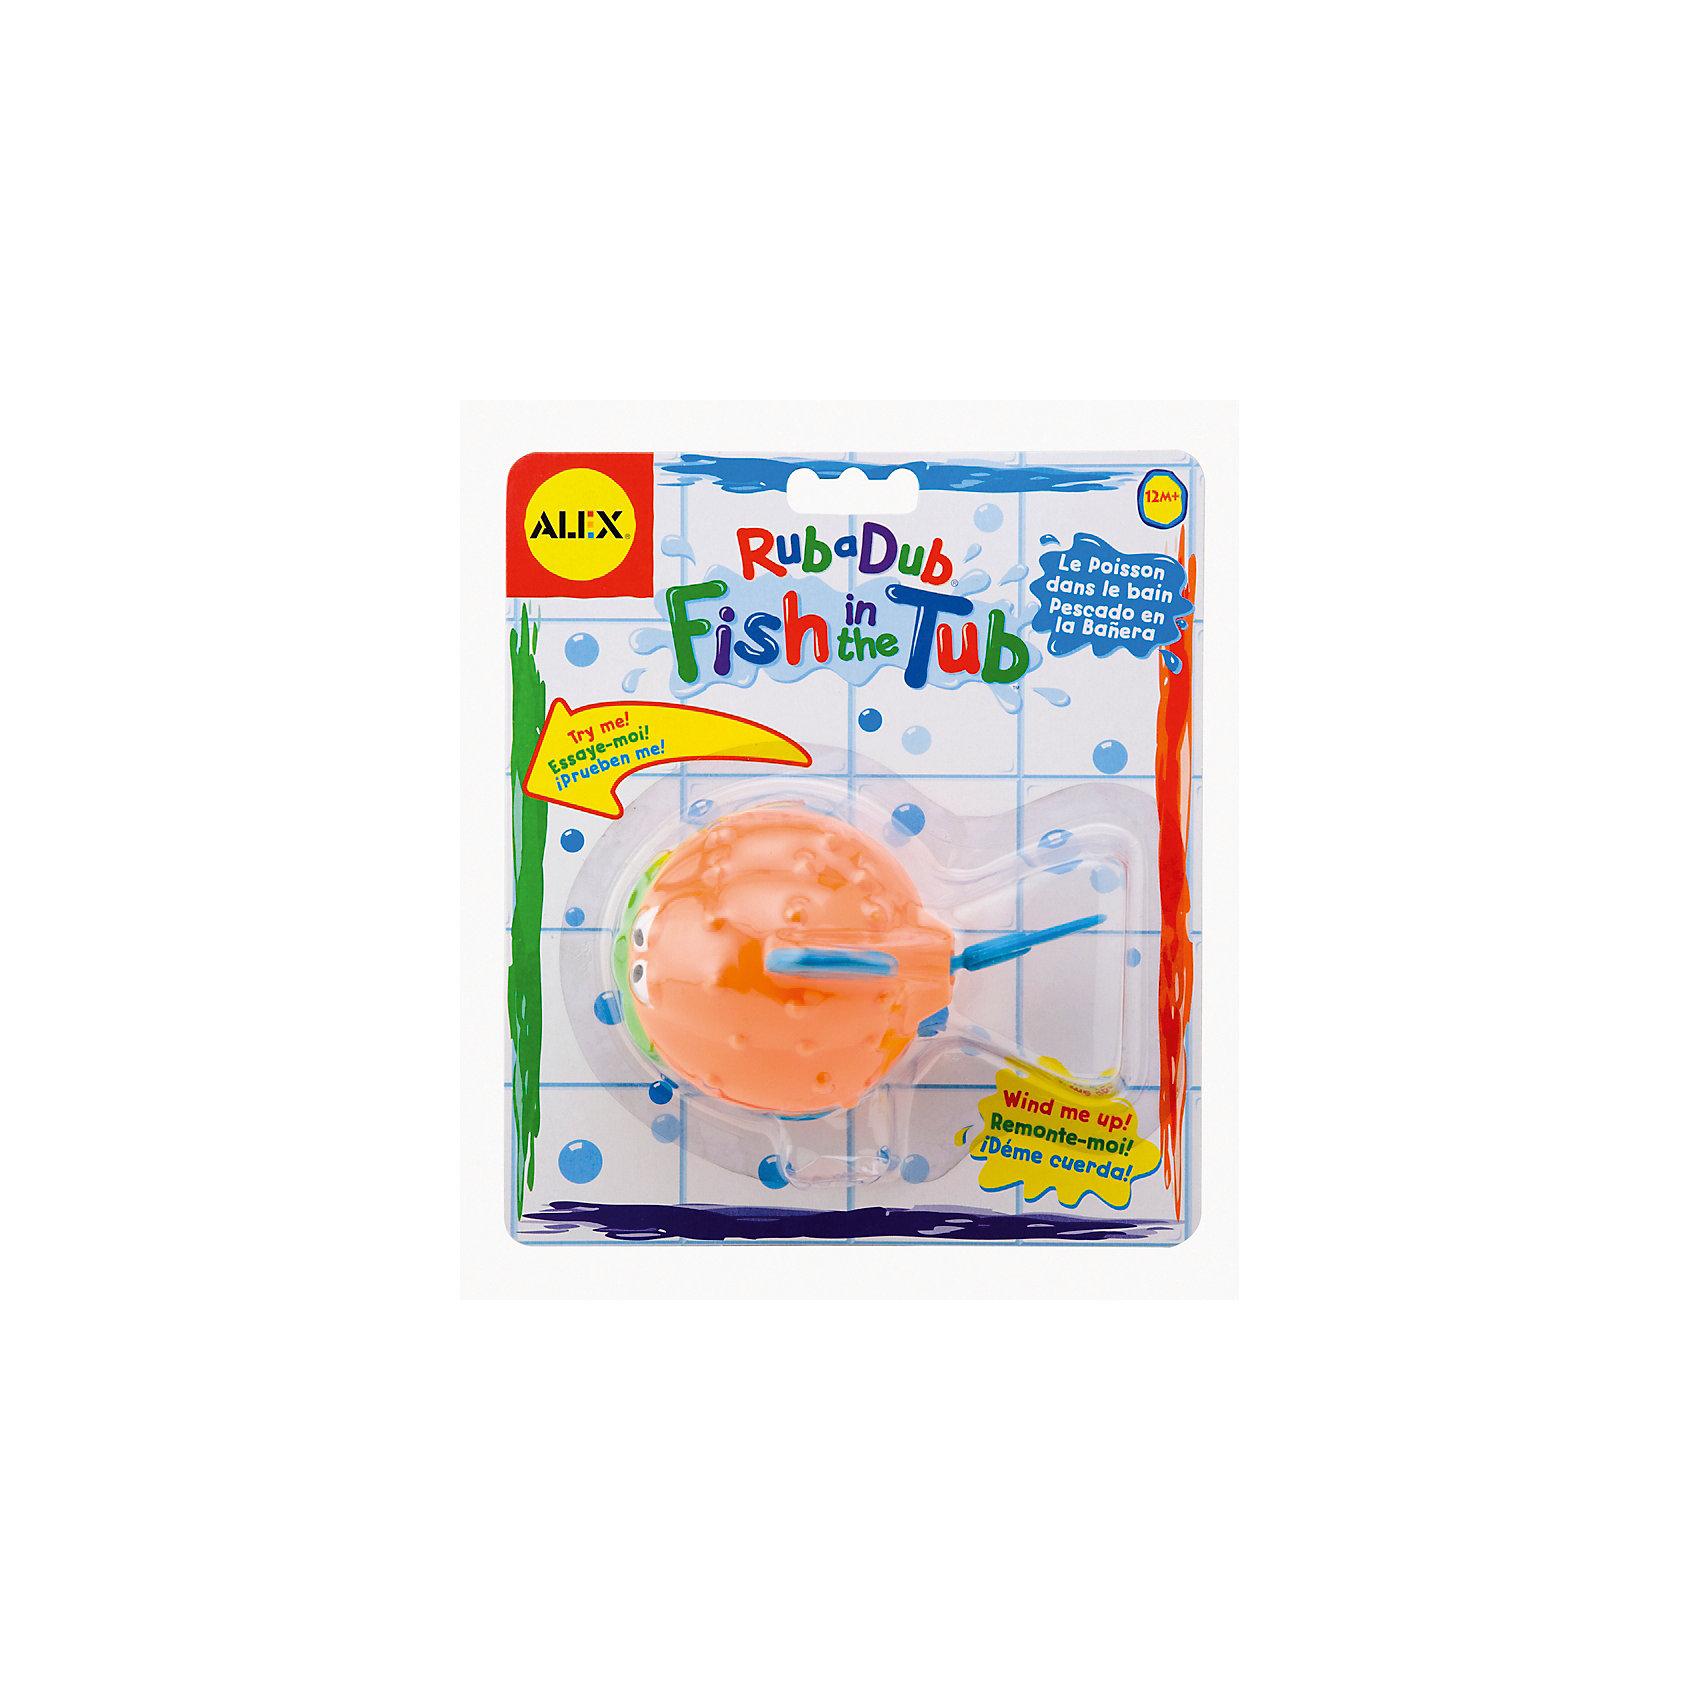 Игрушка для ванны Рыба-ёж, ALEXИгровые наборы<br>Игрушка для ванны Рыбка.  Игрушка плавает в ванне. Для детей от 3х лет.<br><br>Ширина мм: 177<br>Глубина мм: 76<br>Высота мм: 203<br>Вес г: 270<br>Возраст от месяцев: 12<br>Возраст до месяцев: 2147483647<br>Пол: Унисекс<br>Возраст: Детский<br>SKU: 5503312